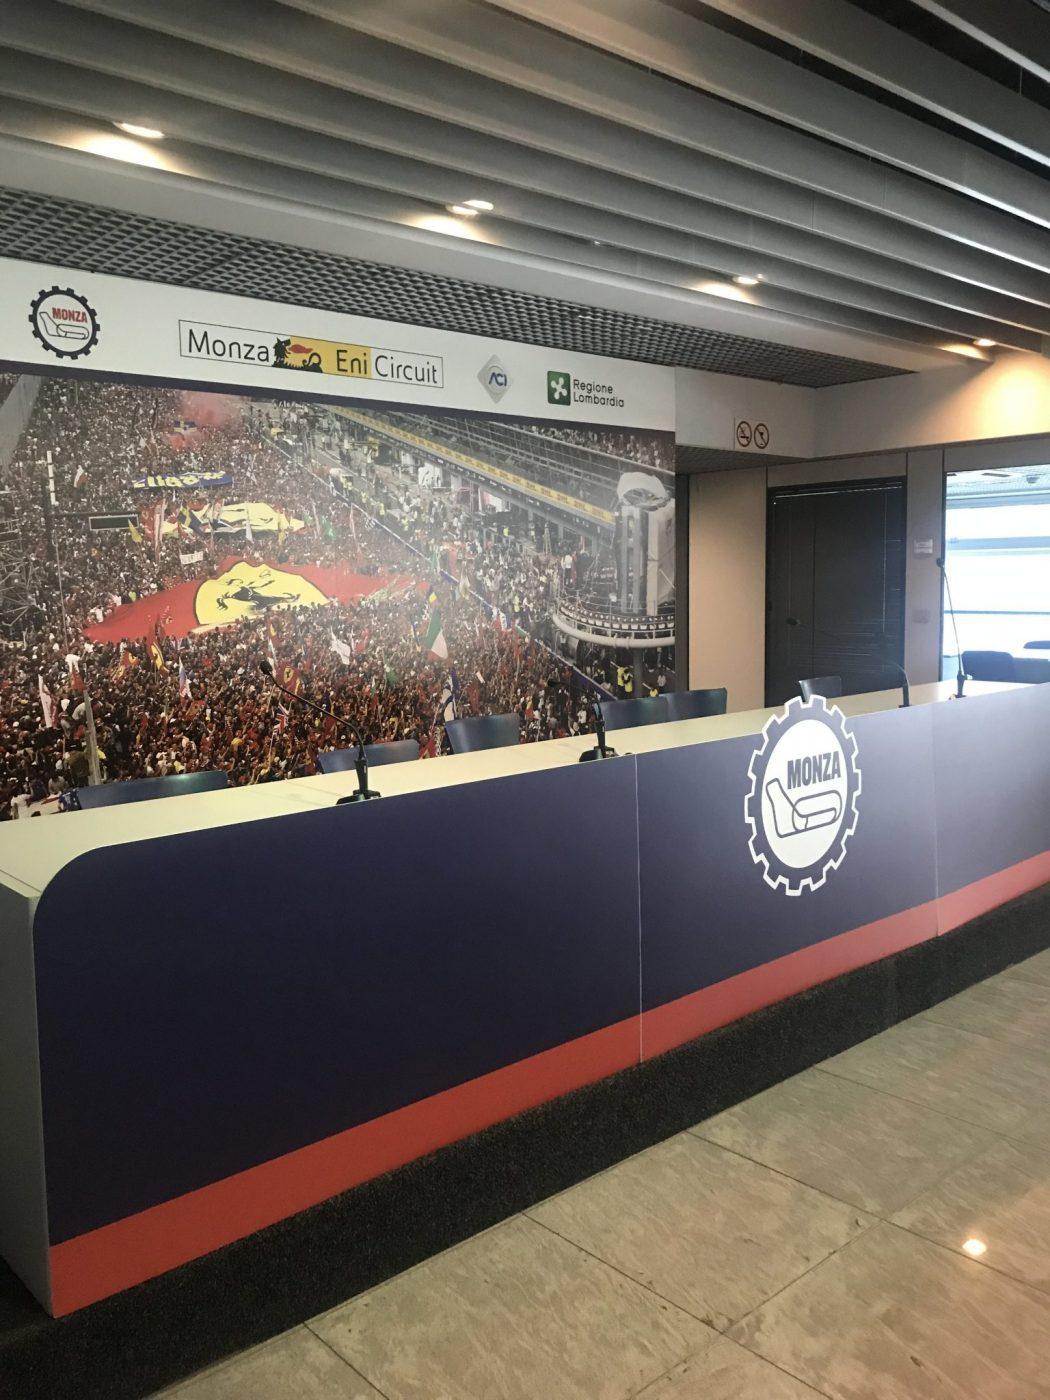 Autodromo di Monza F1 Circuit press center